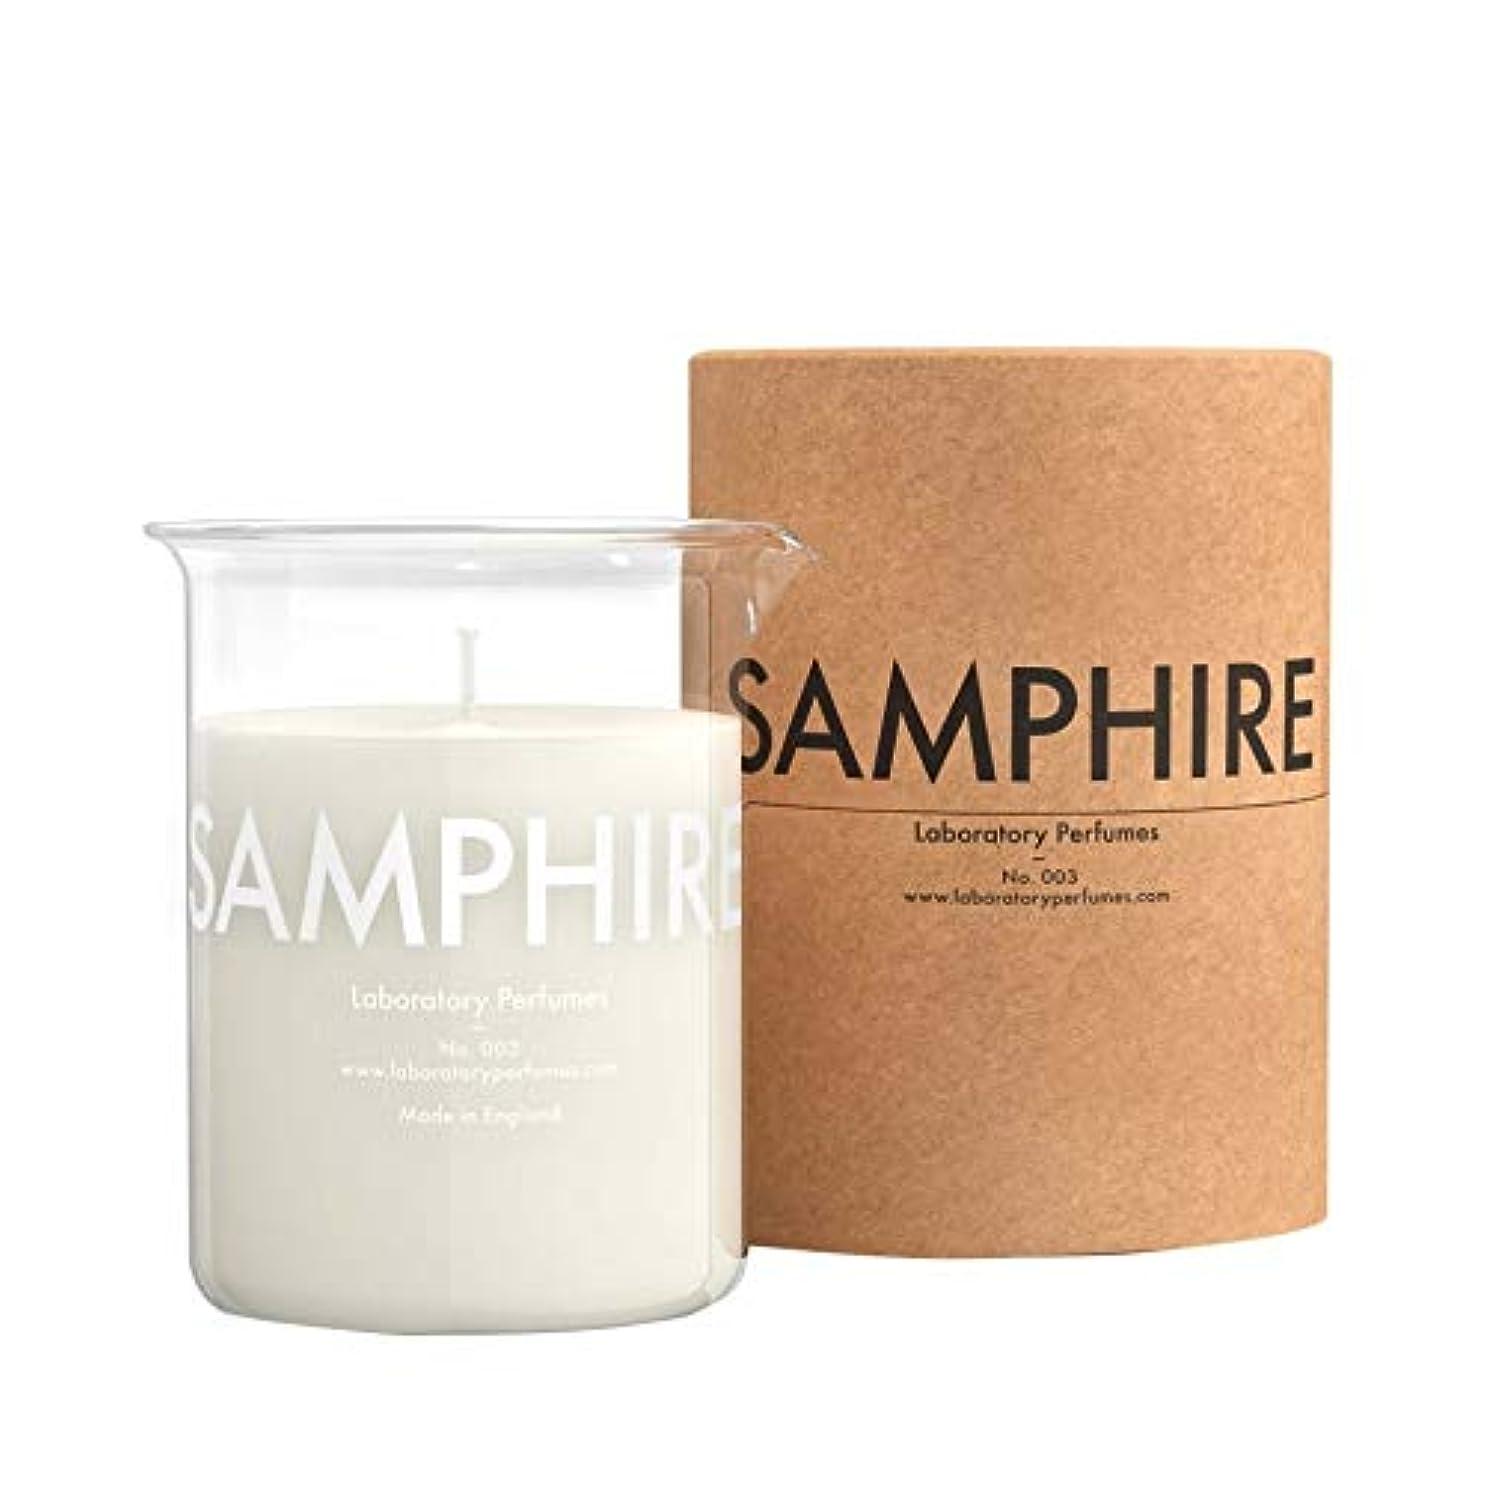 マウントバンク私たち自身世辞[Laboratory Perfumes ] 実験室の香水なし。 033 Samphireフレグランスキャンドル - Laboratory Perfumes No. 033 Samphire Fragranced Candle...